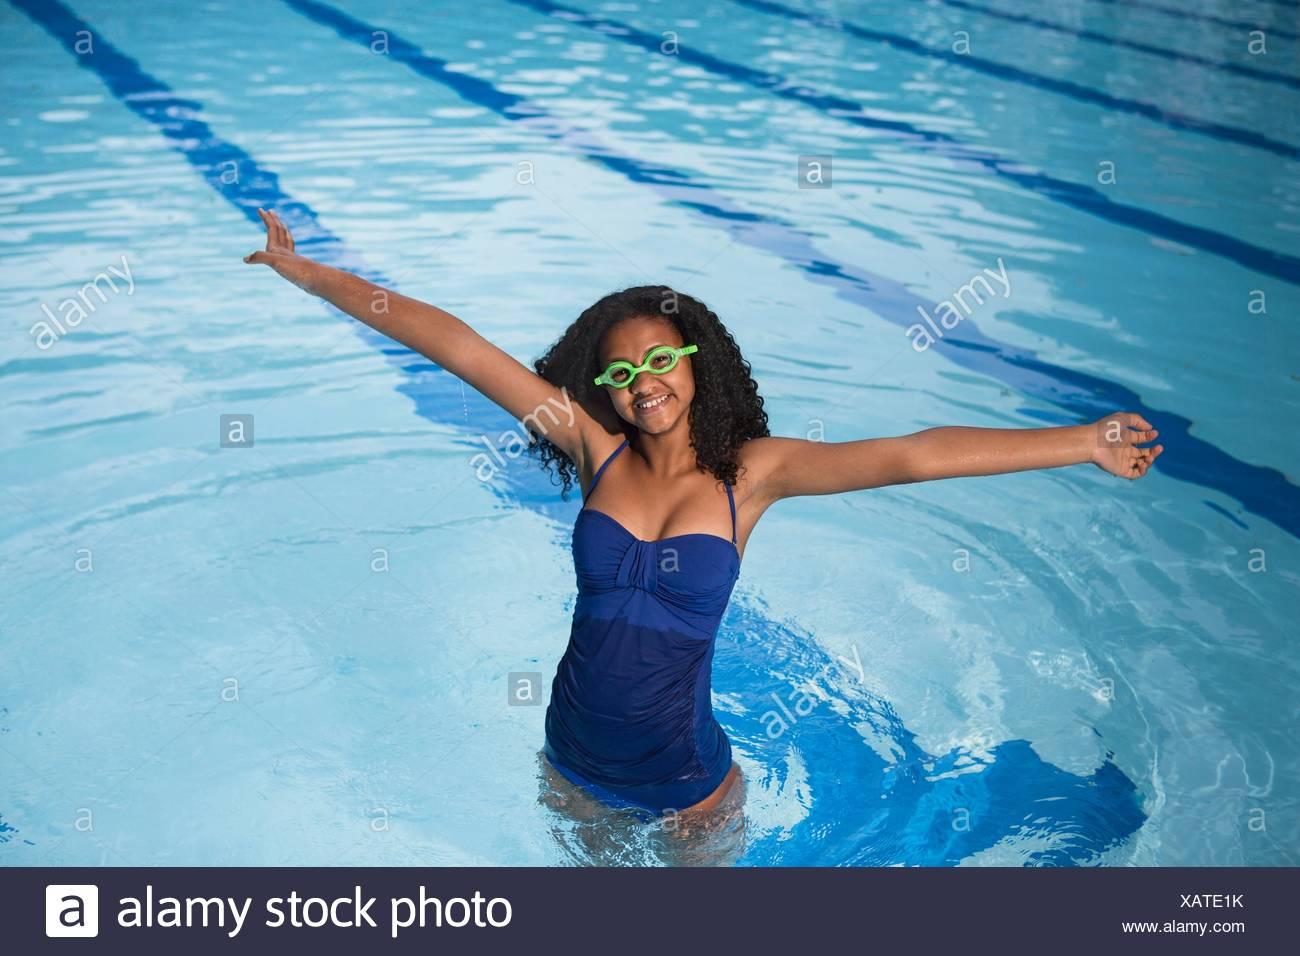 Close piscine portant des lunettes de natation, bras levés, smiling at camera Photo Stock